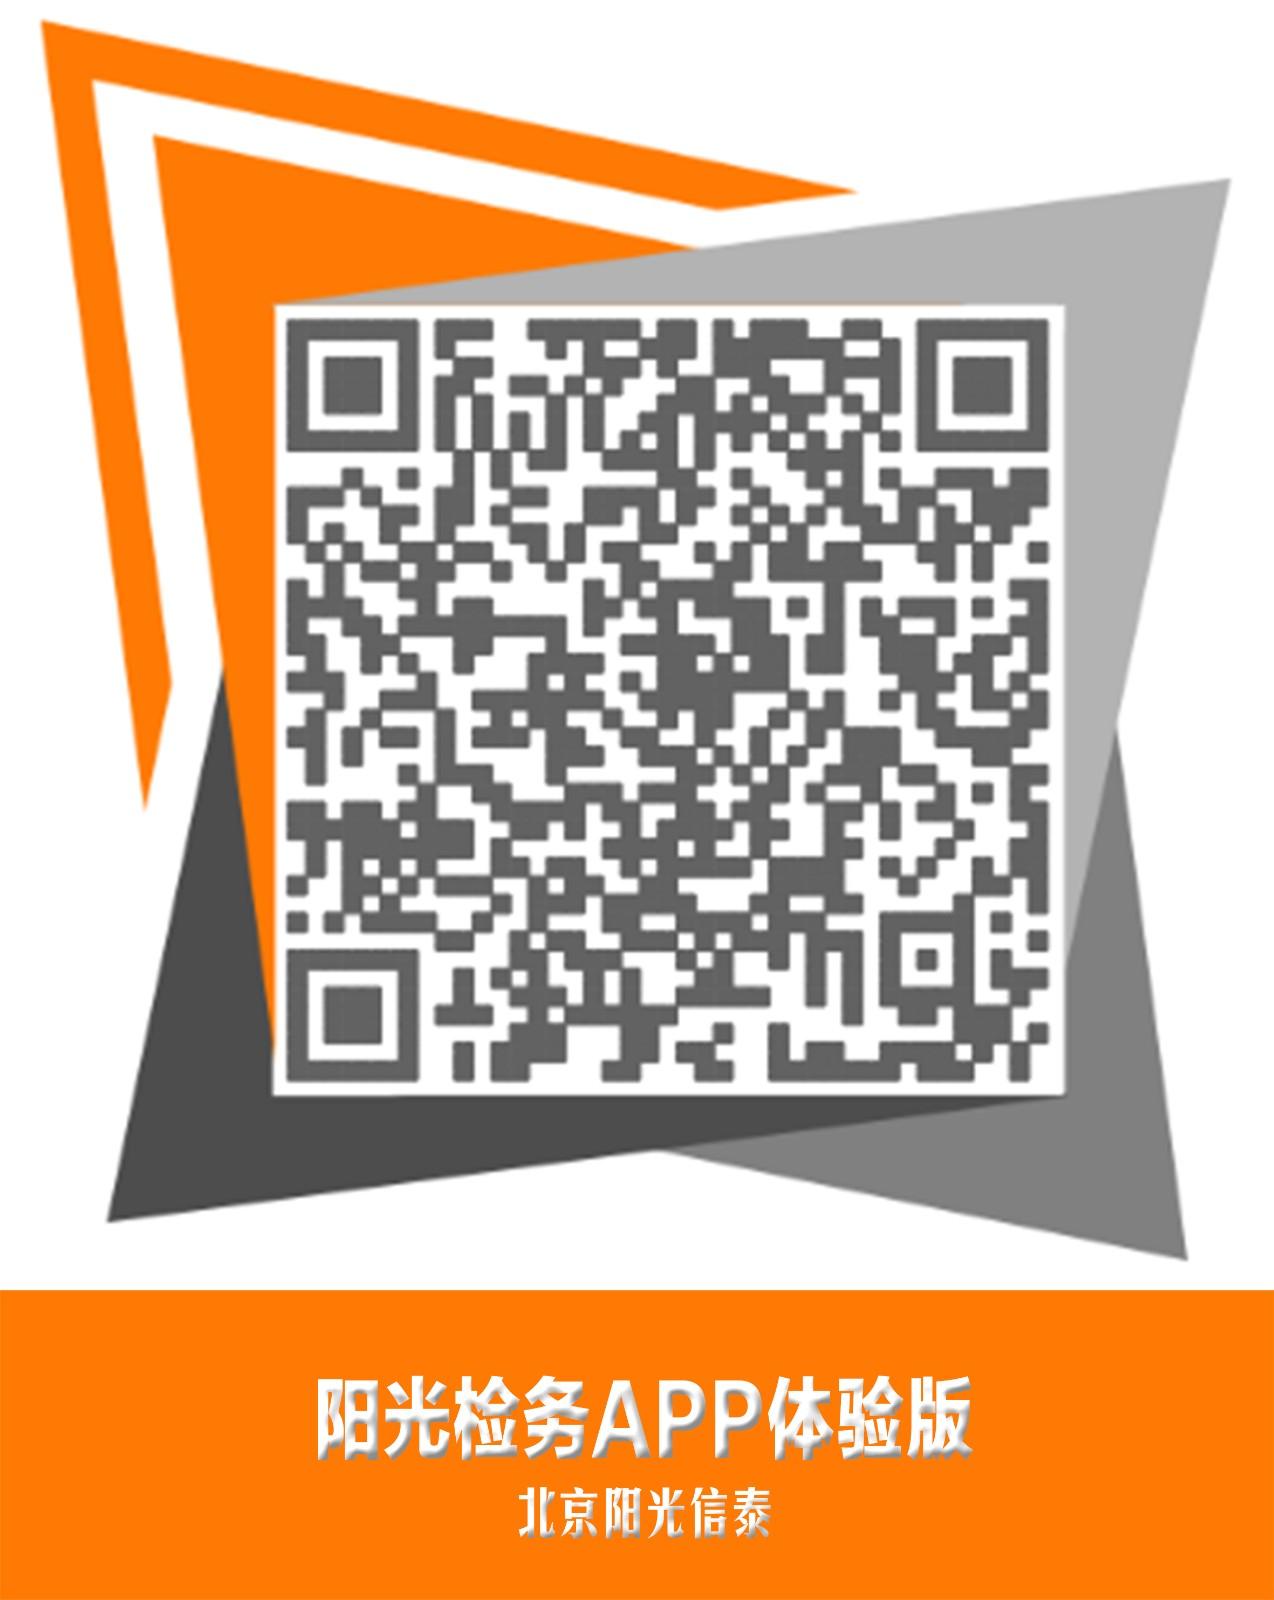 1486952786108436.jpg